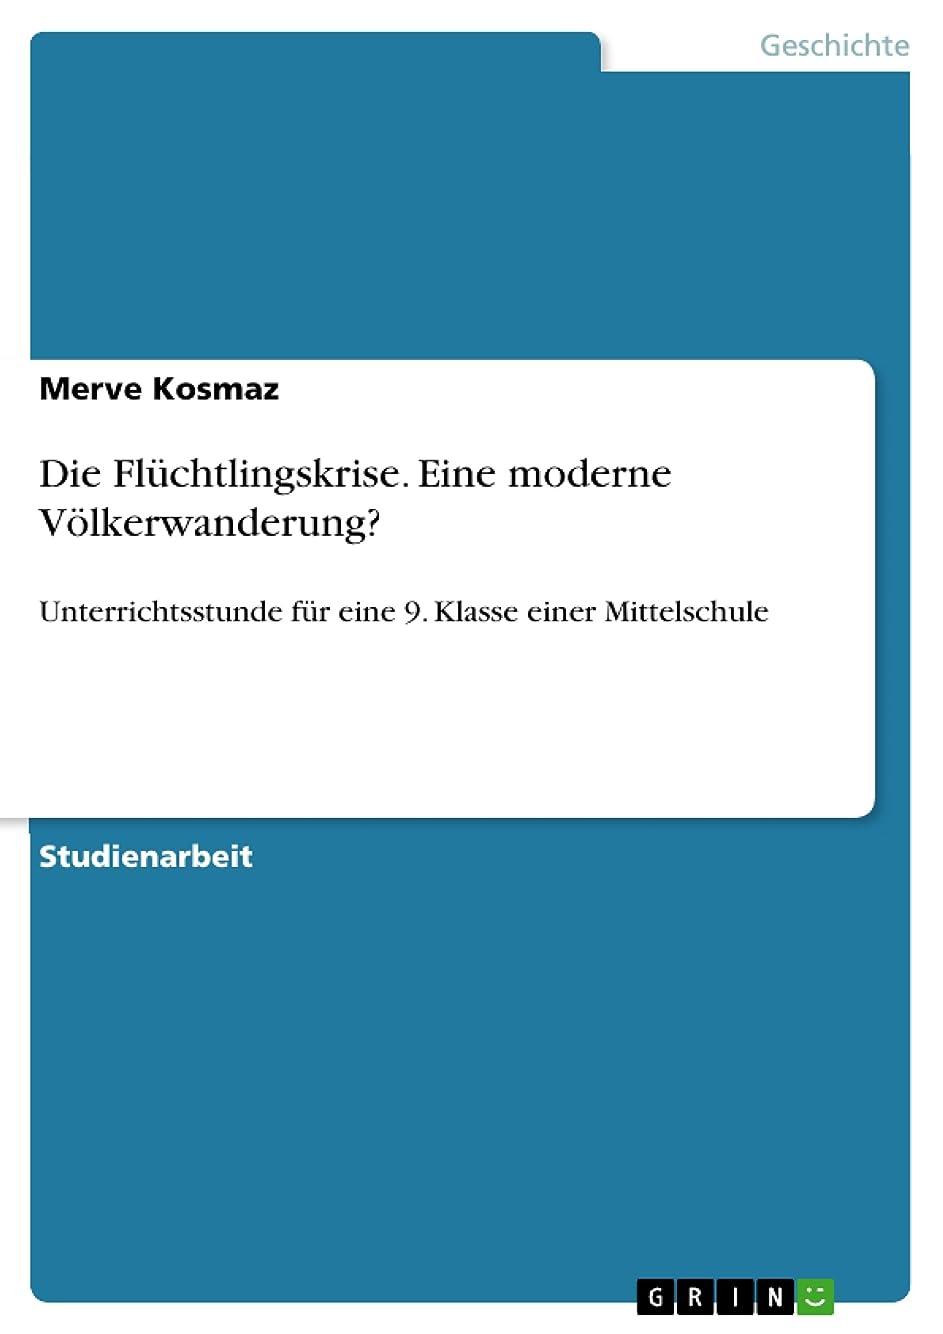 読書検索エンジンマーケティング胃Die Flüchtlingskrise. Eine moderne V?lkerwanderung?: Unterrichtsstunde für eine 9. Klasse einer Mittelschule (German Edition)